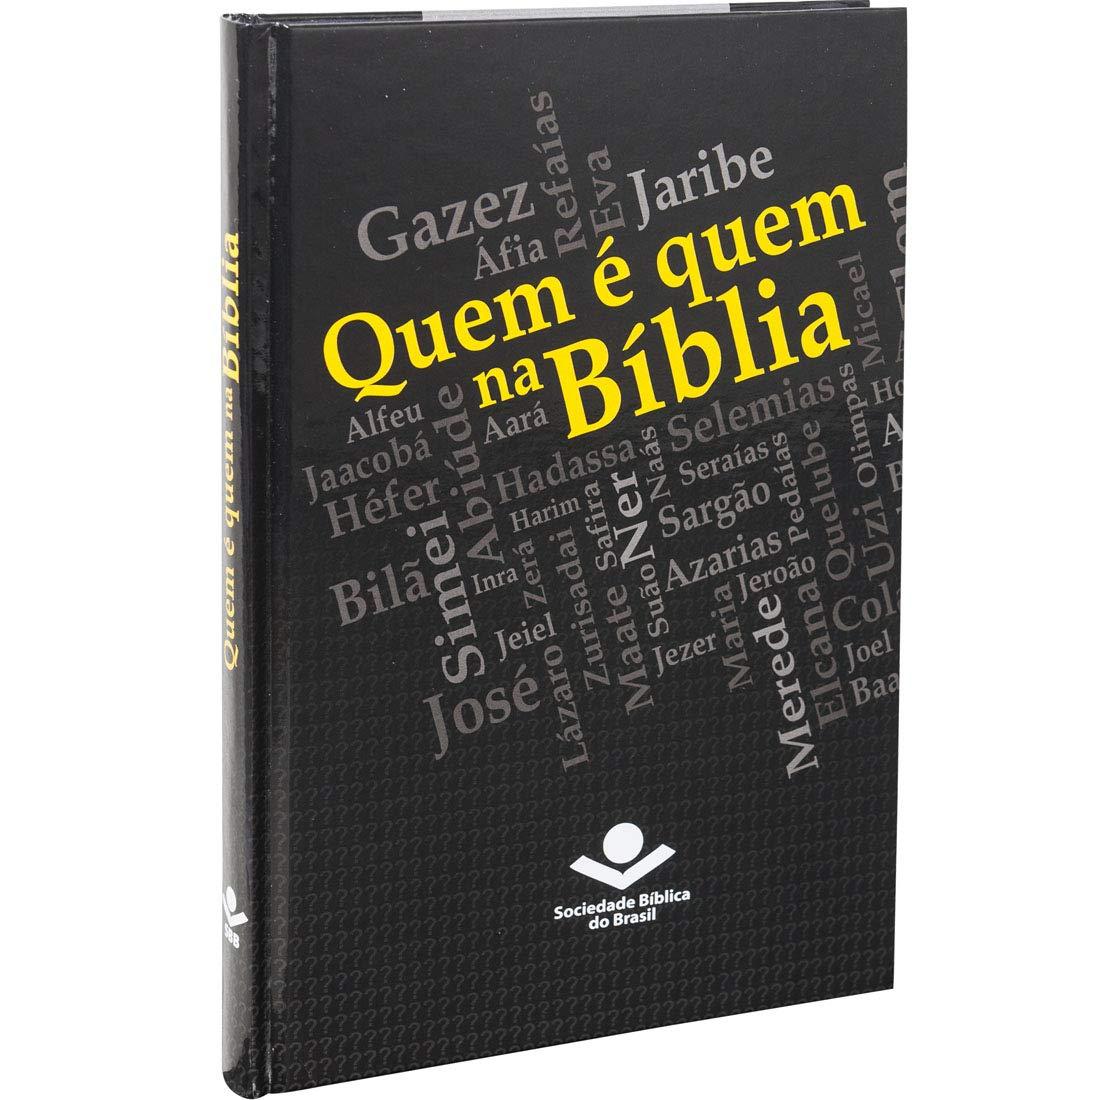 Quem é quem na Bíblia: Almeida Revista e Ampliada (ARA) - Edição Acadêmica  - Universo Bíblico Rs